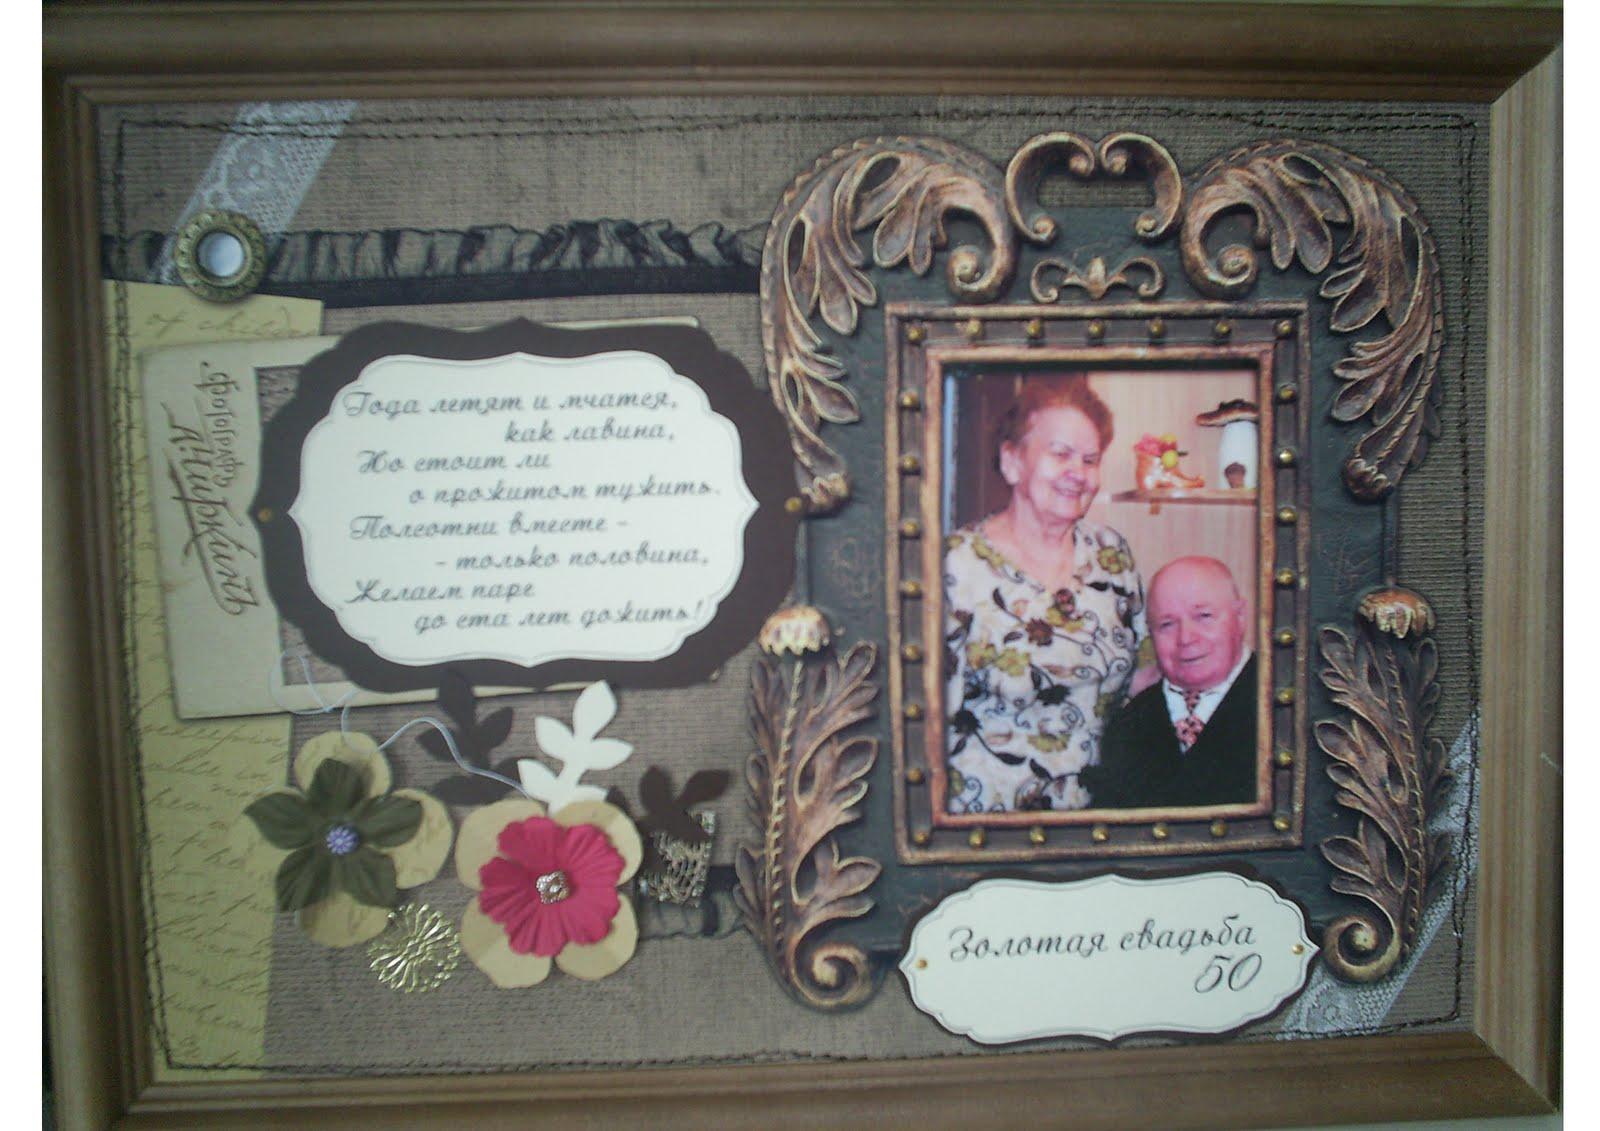 Смешные поздравления к золотой свадьбы